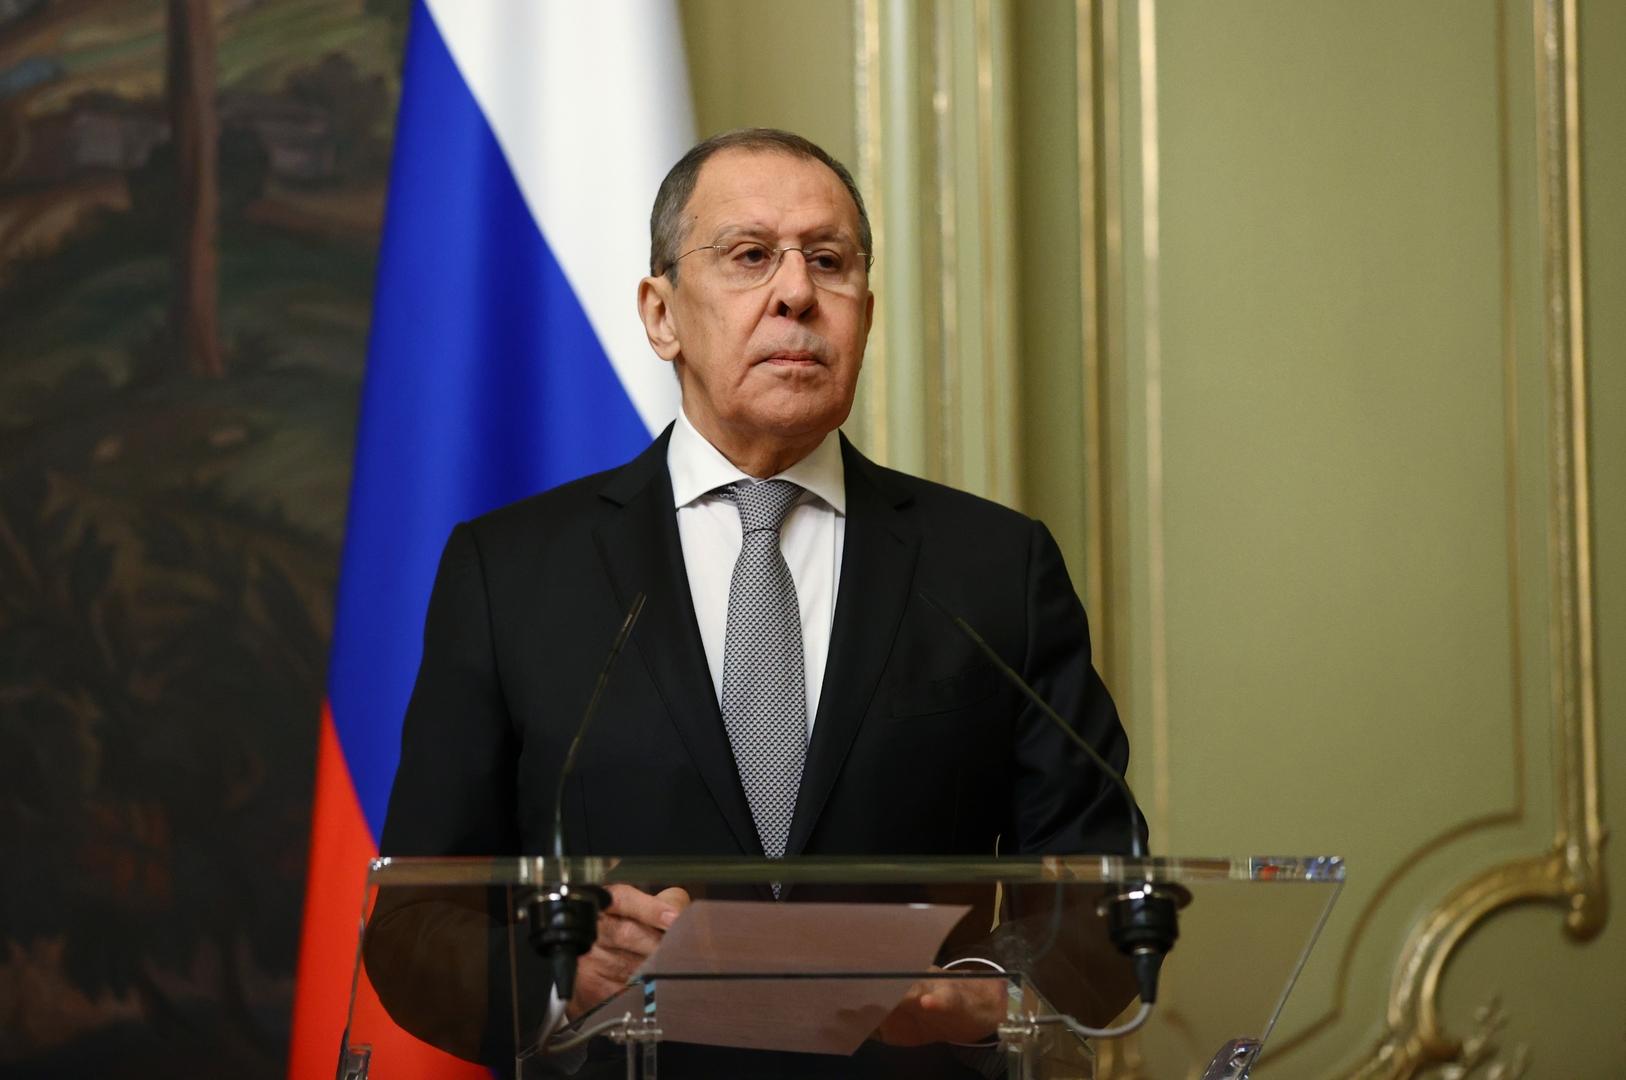 في اتصال بشأن اليمن.. لافروف يبحث مع نظيره السعودي المفهوم الروسي للأمن في الخليج